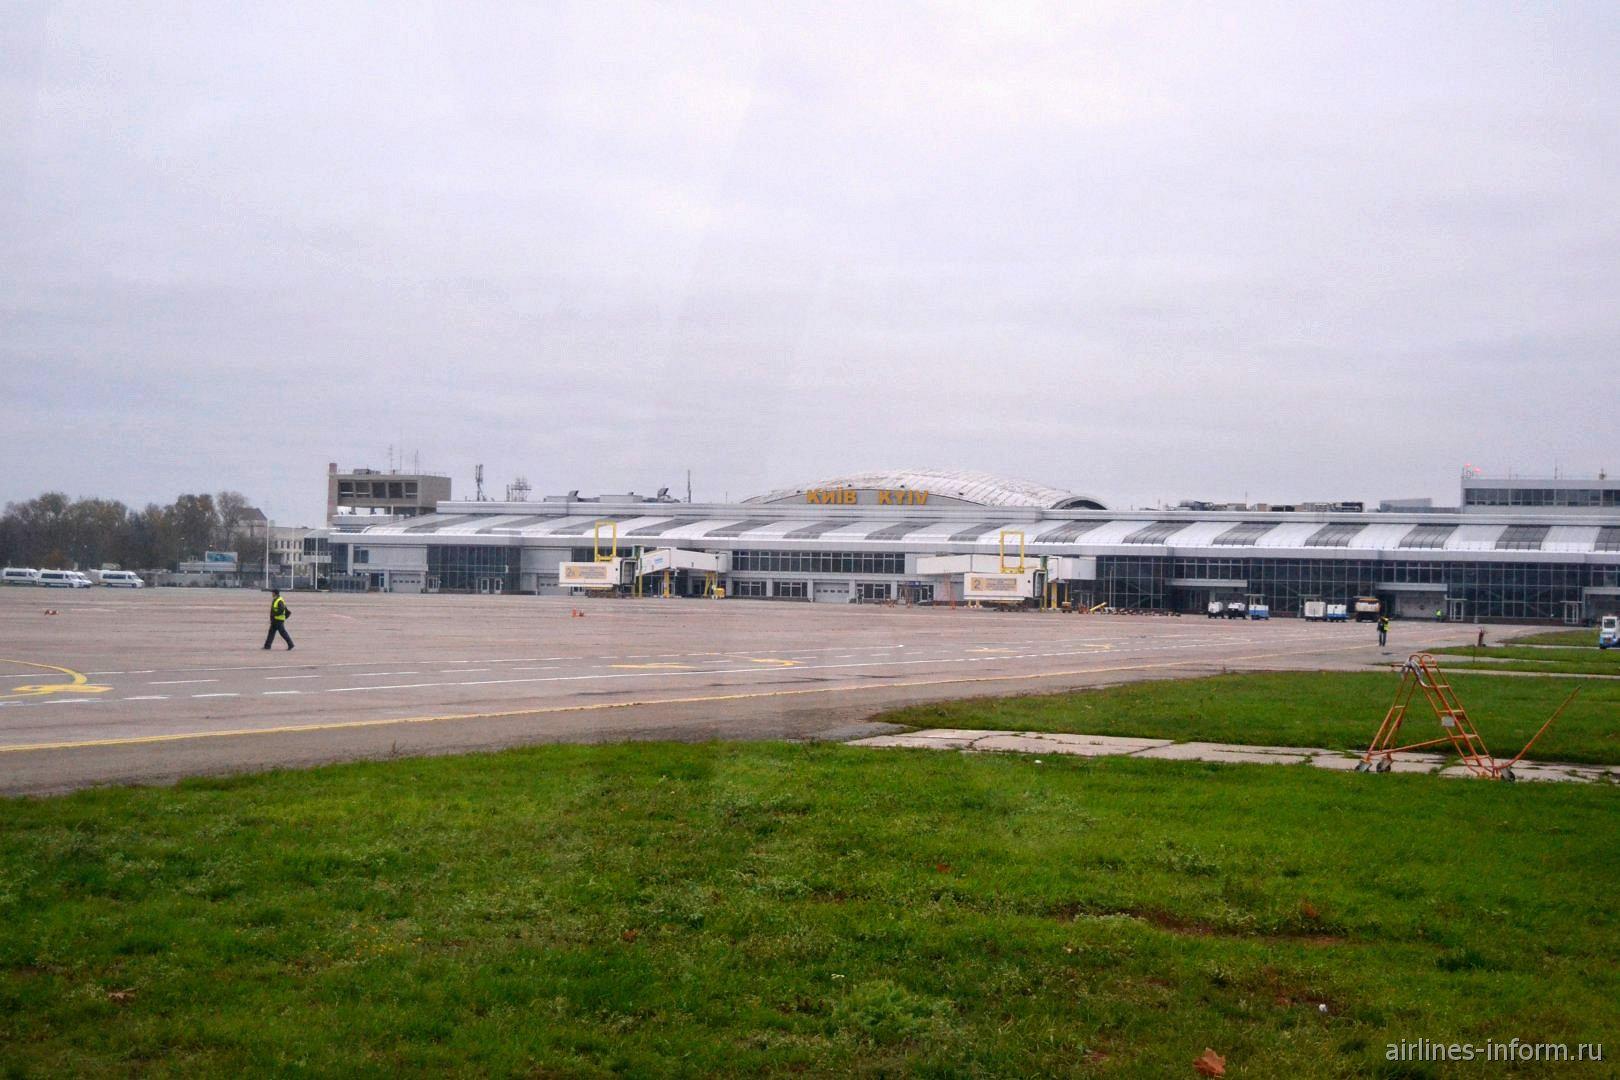 Терминал Б аэропорта Киев Борисполь